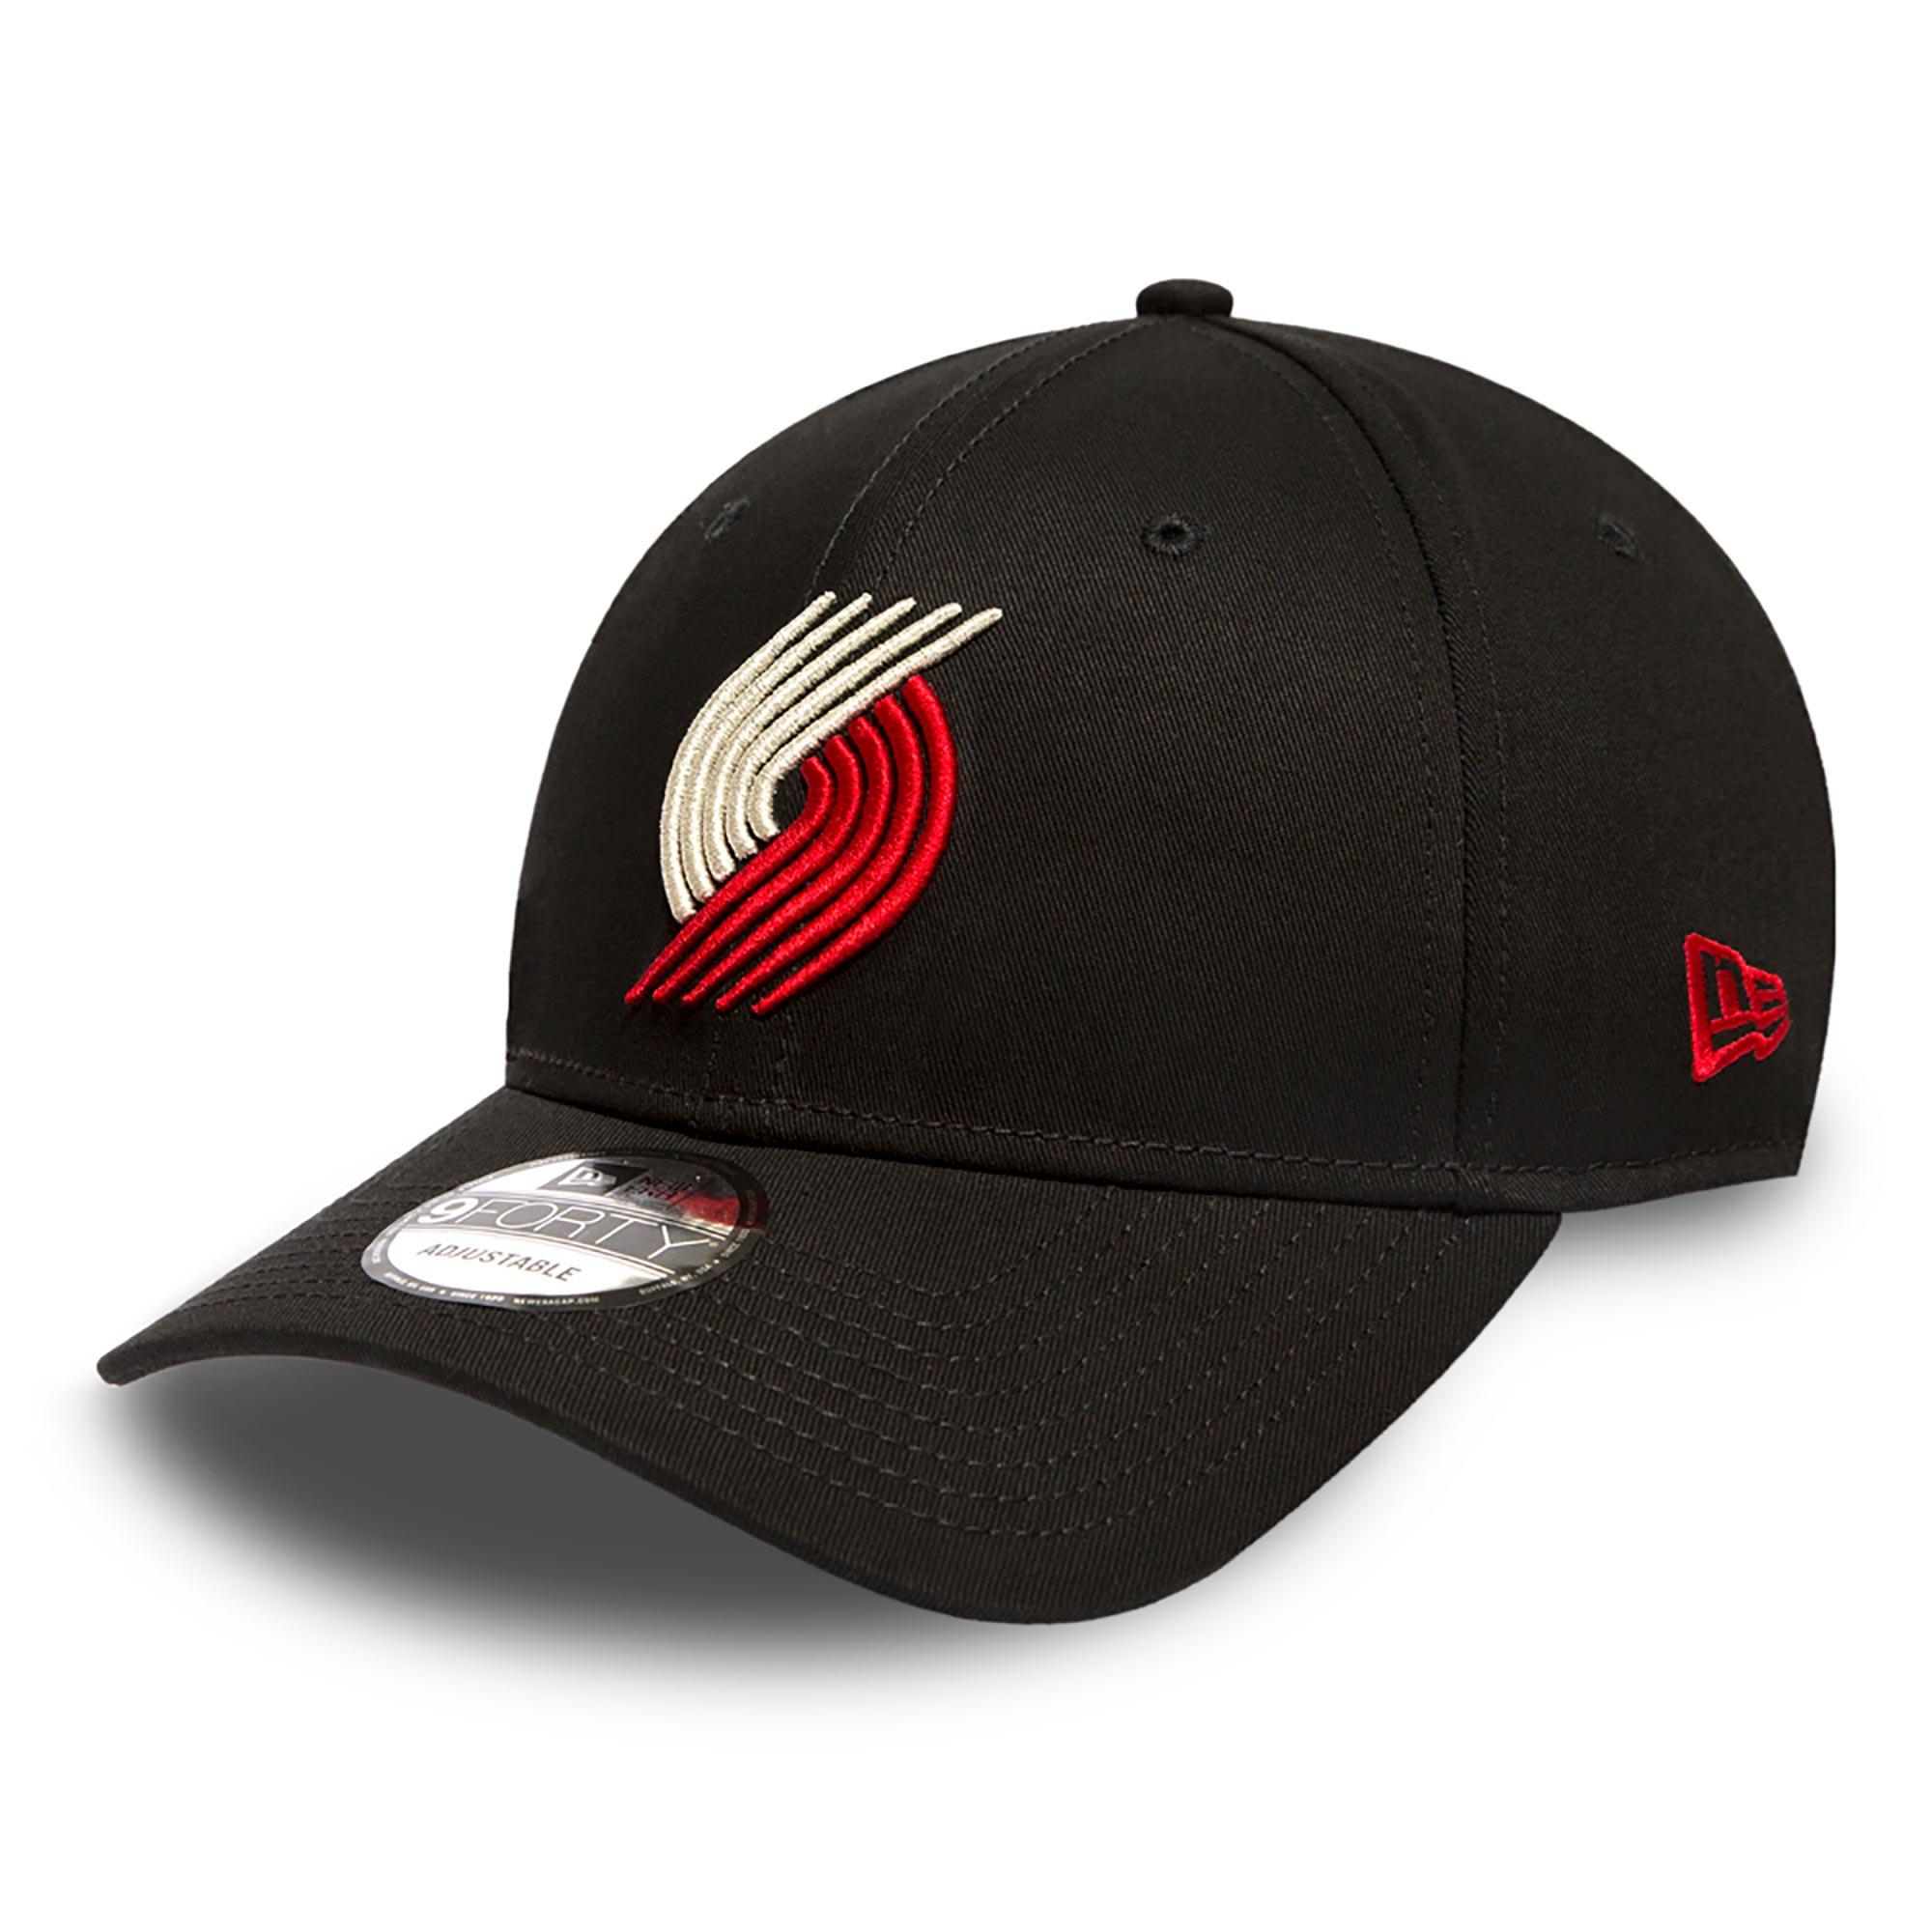 Portland Trail Blazers New Era Basic 9FORTY Adujstable Cap